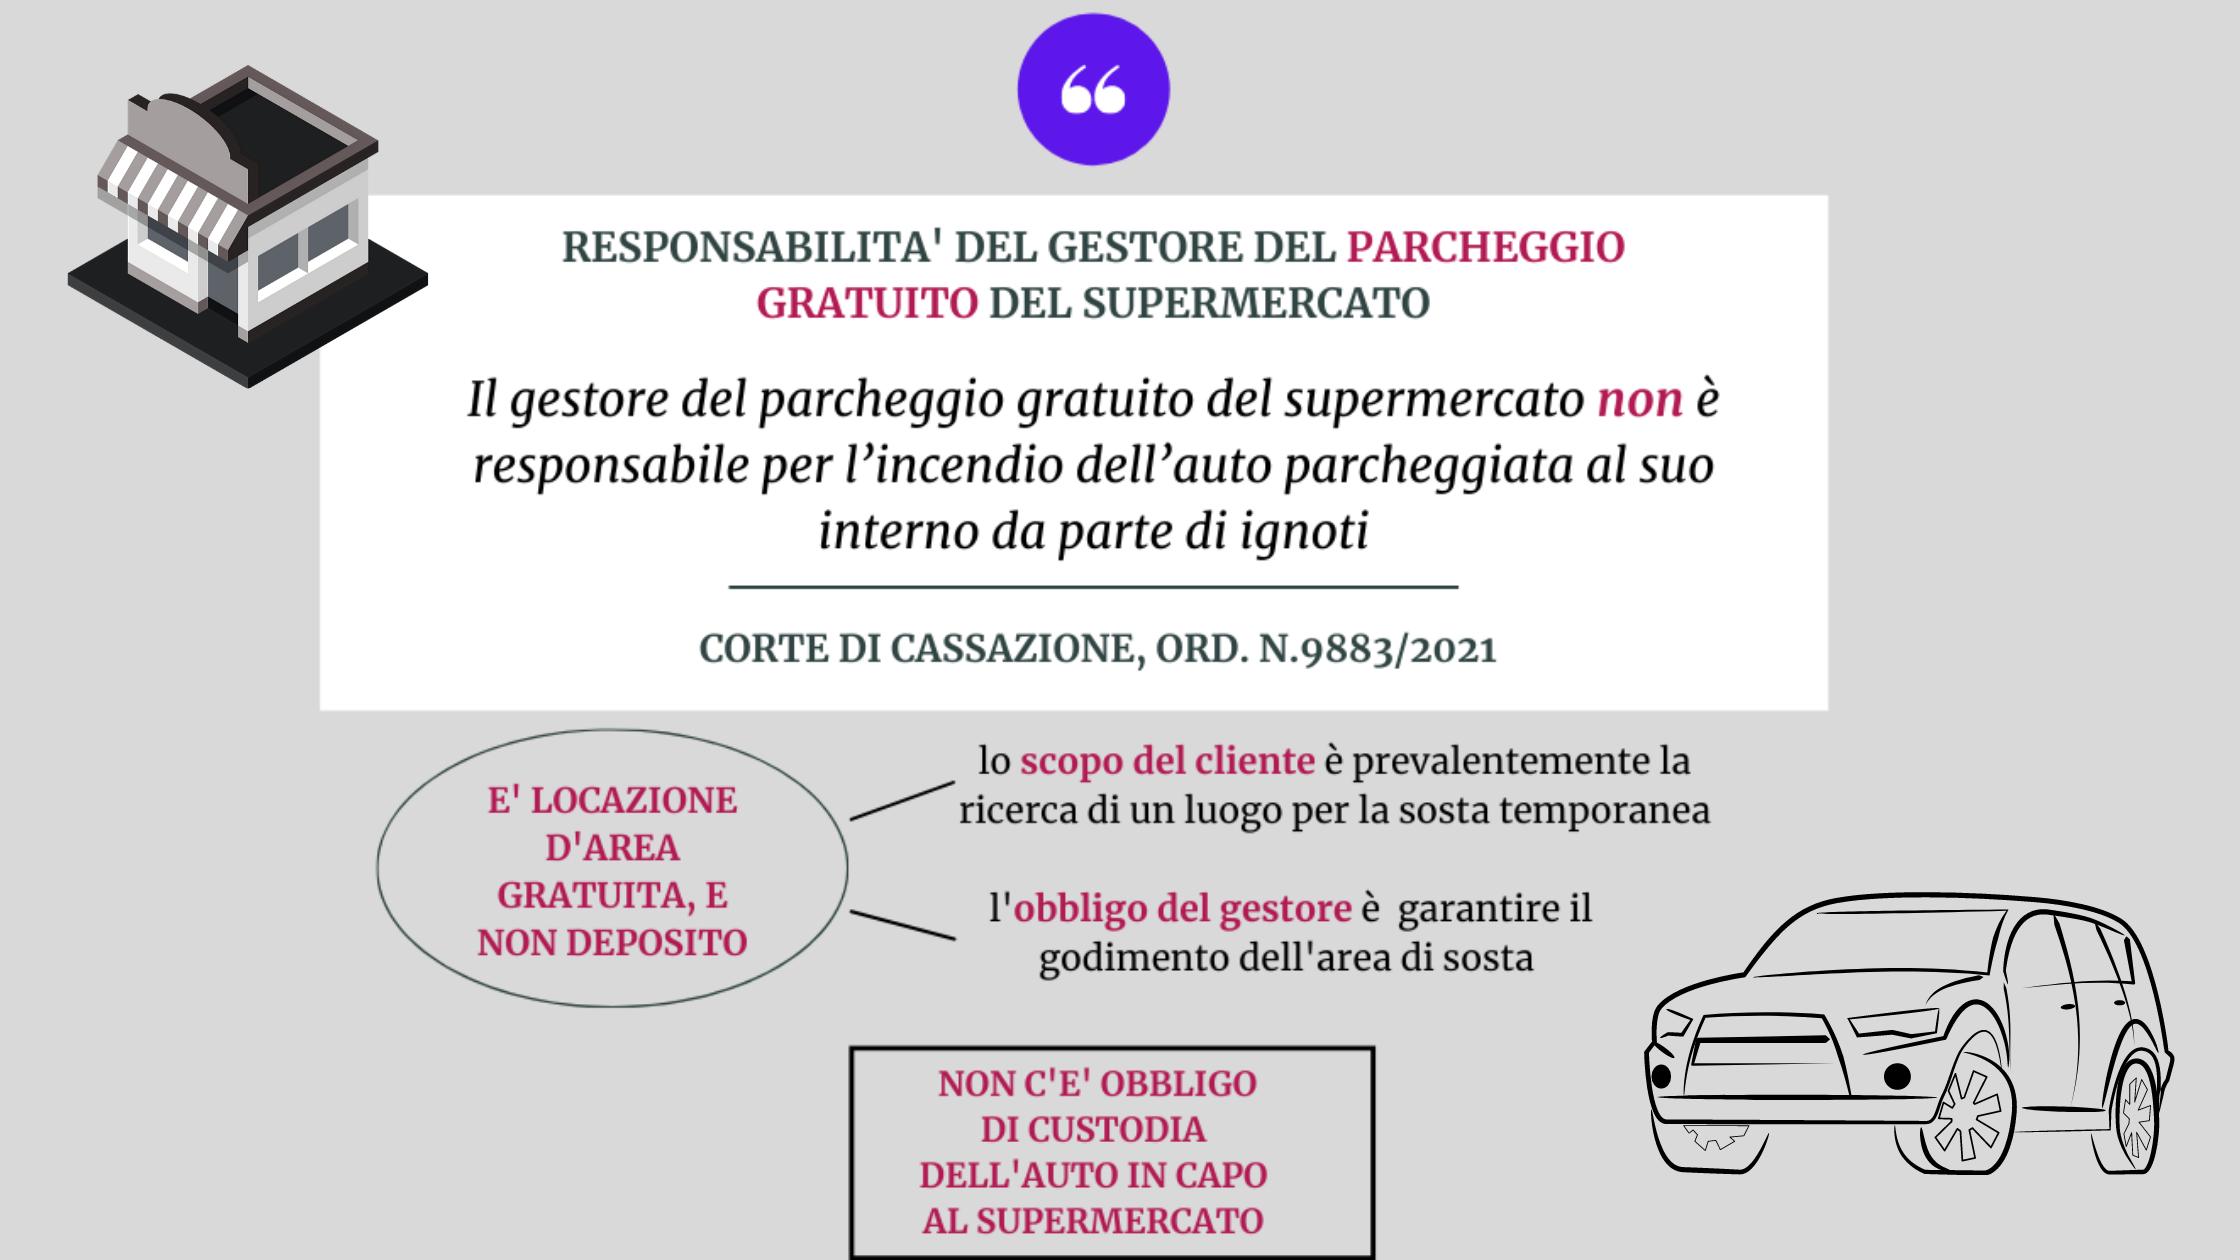 Il gestore del parcheggio gratuito del supermercato non è responsabile per l'incendio dell'auto parcheggiata.